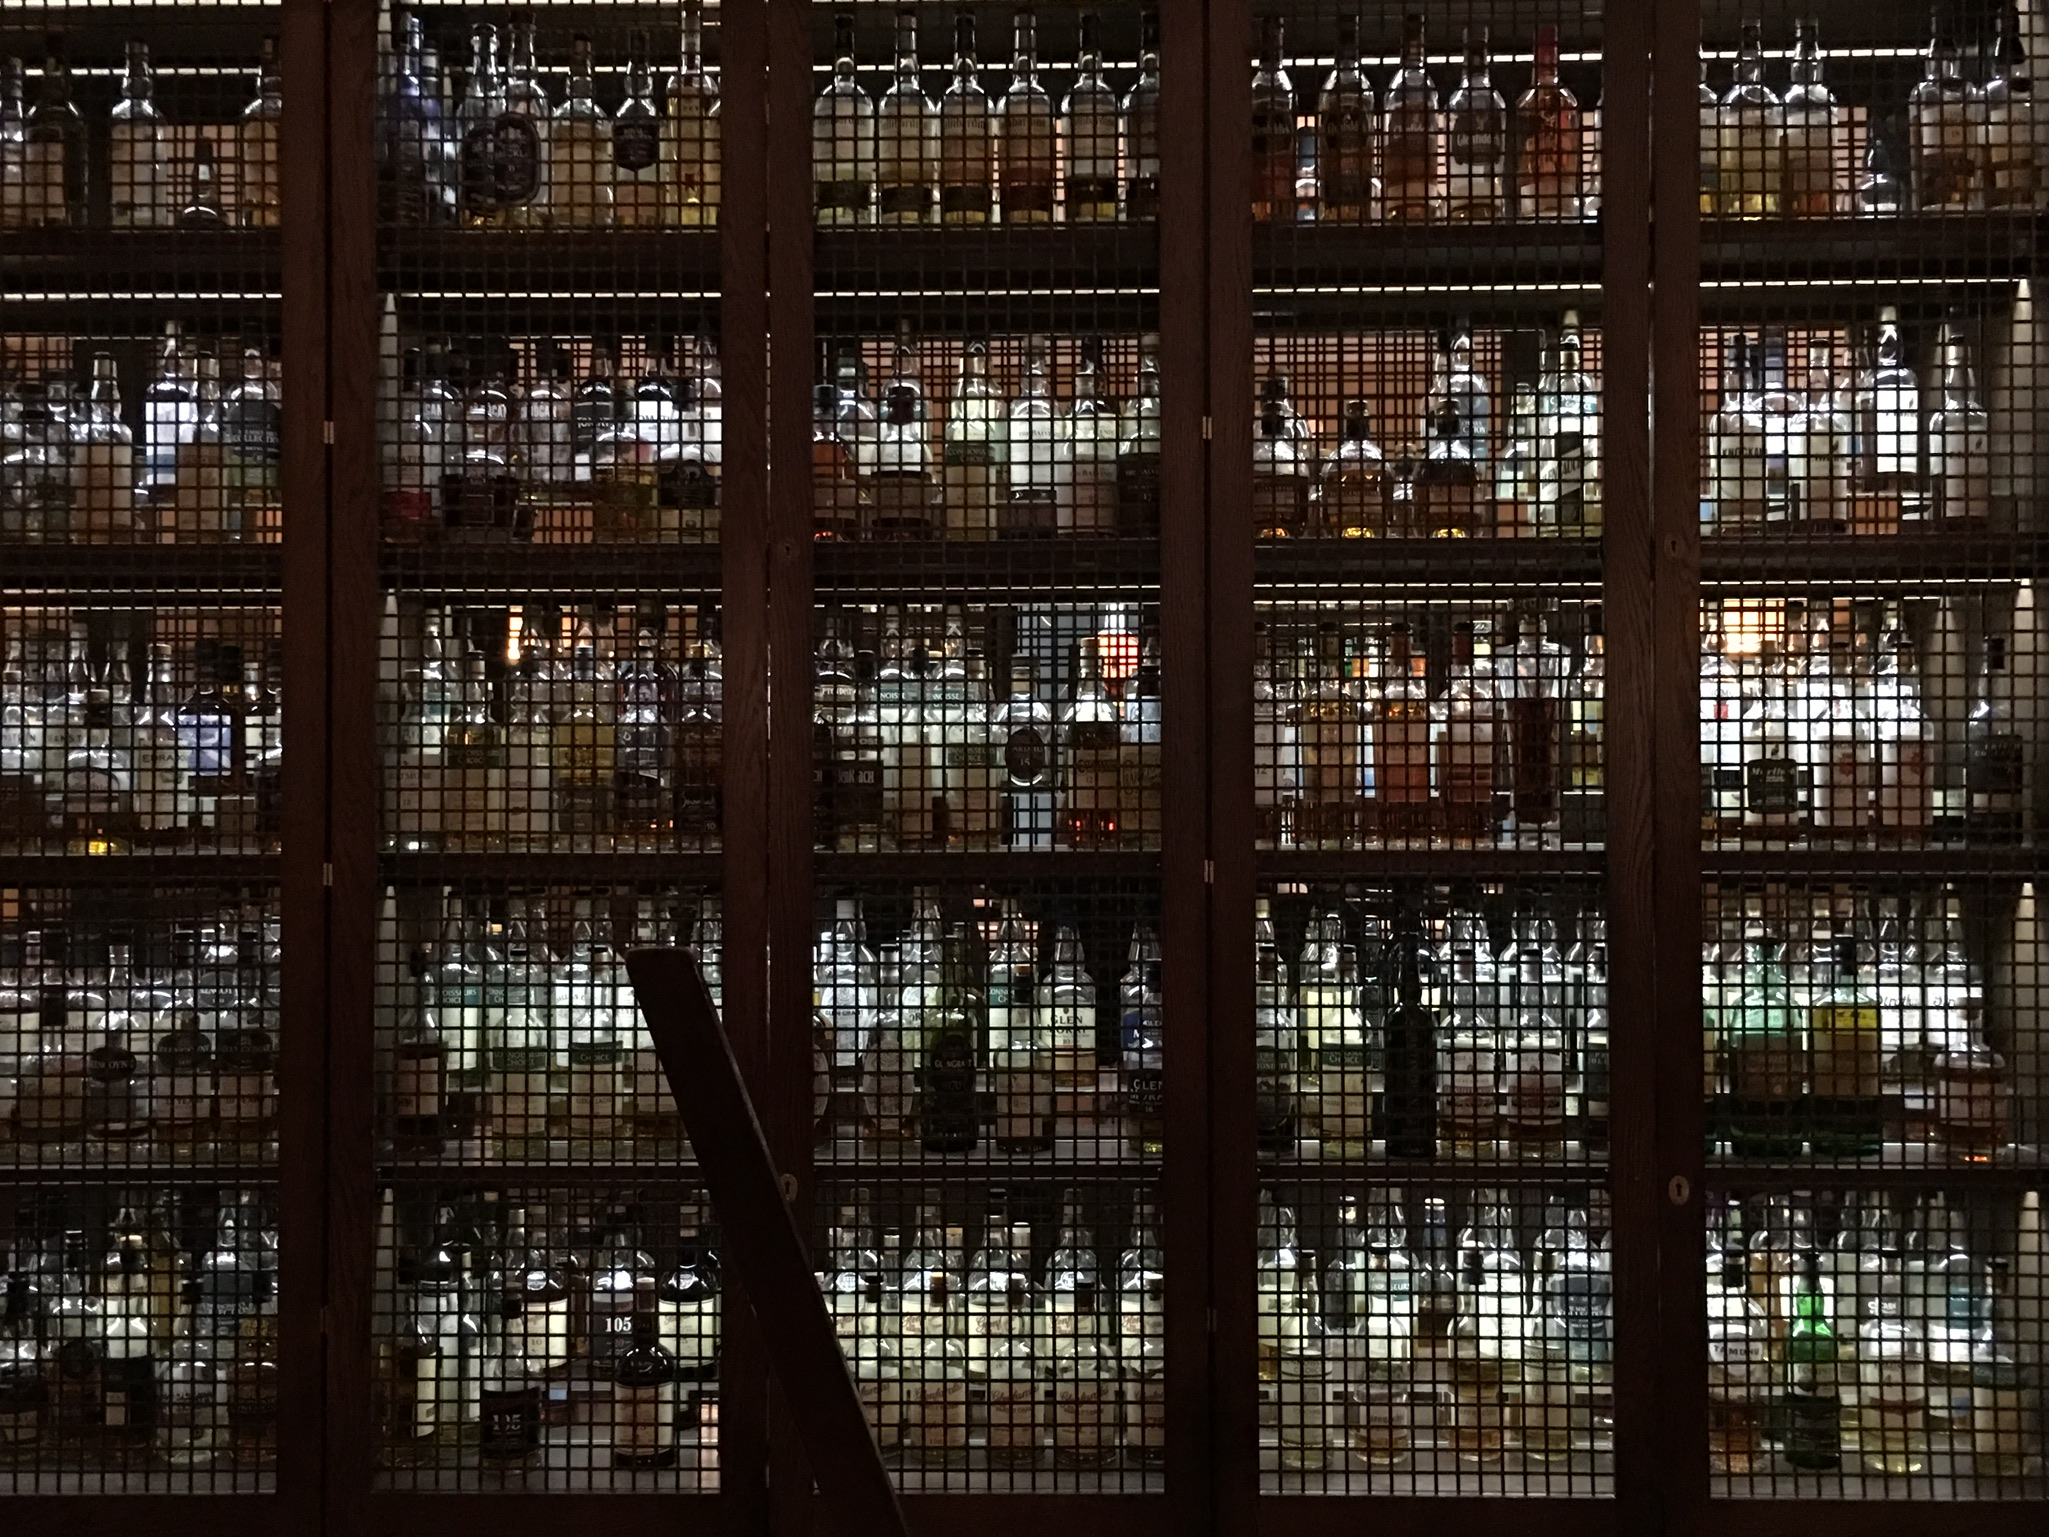 ザ バルモラル ホテルのThe Scotchでウィスキーを嗜む。